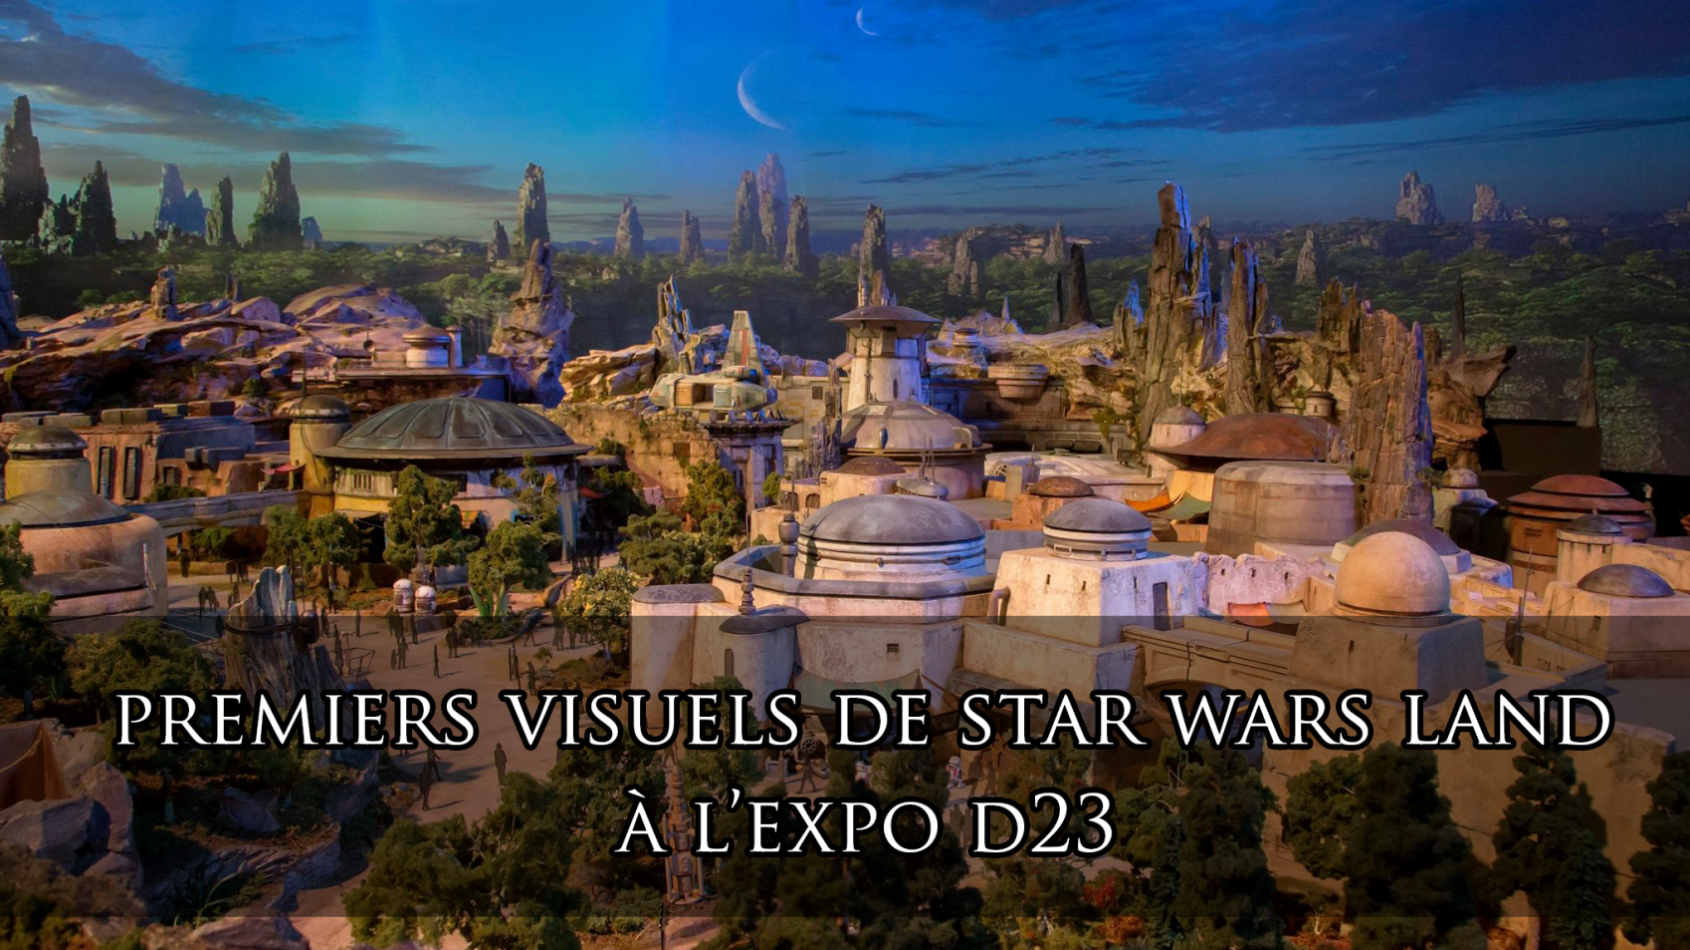 Premiers visuels de Star Wars Land en direct de la D23